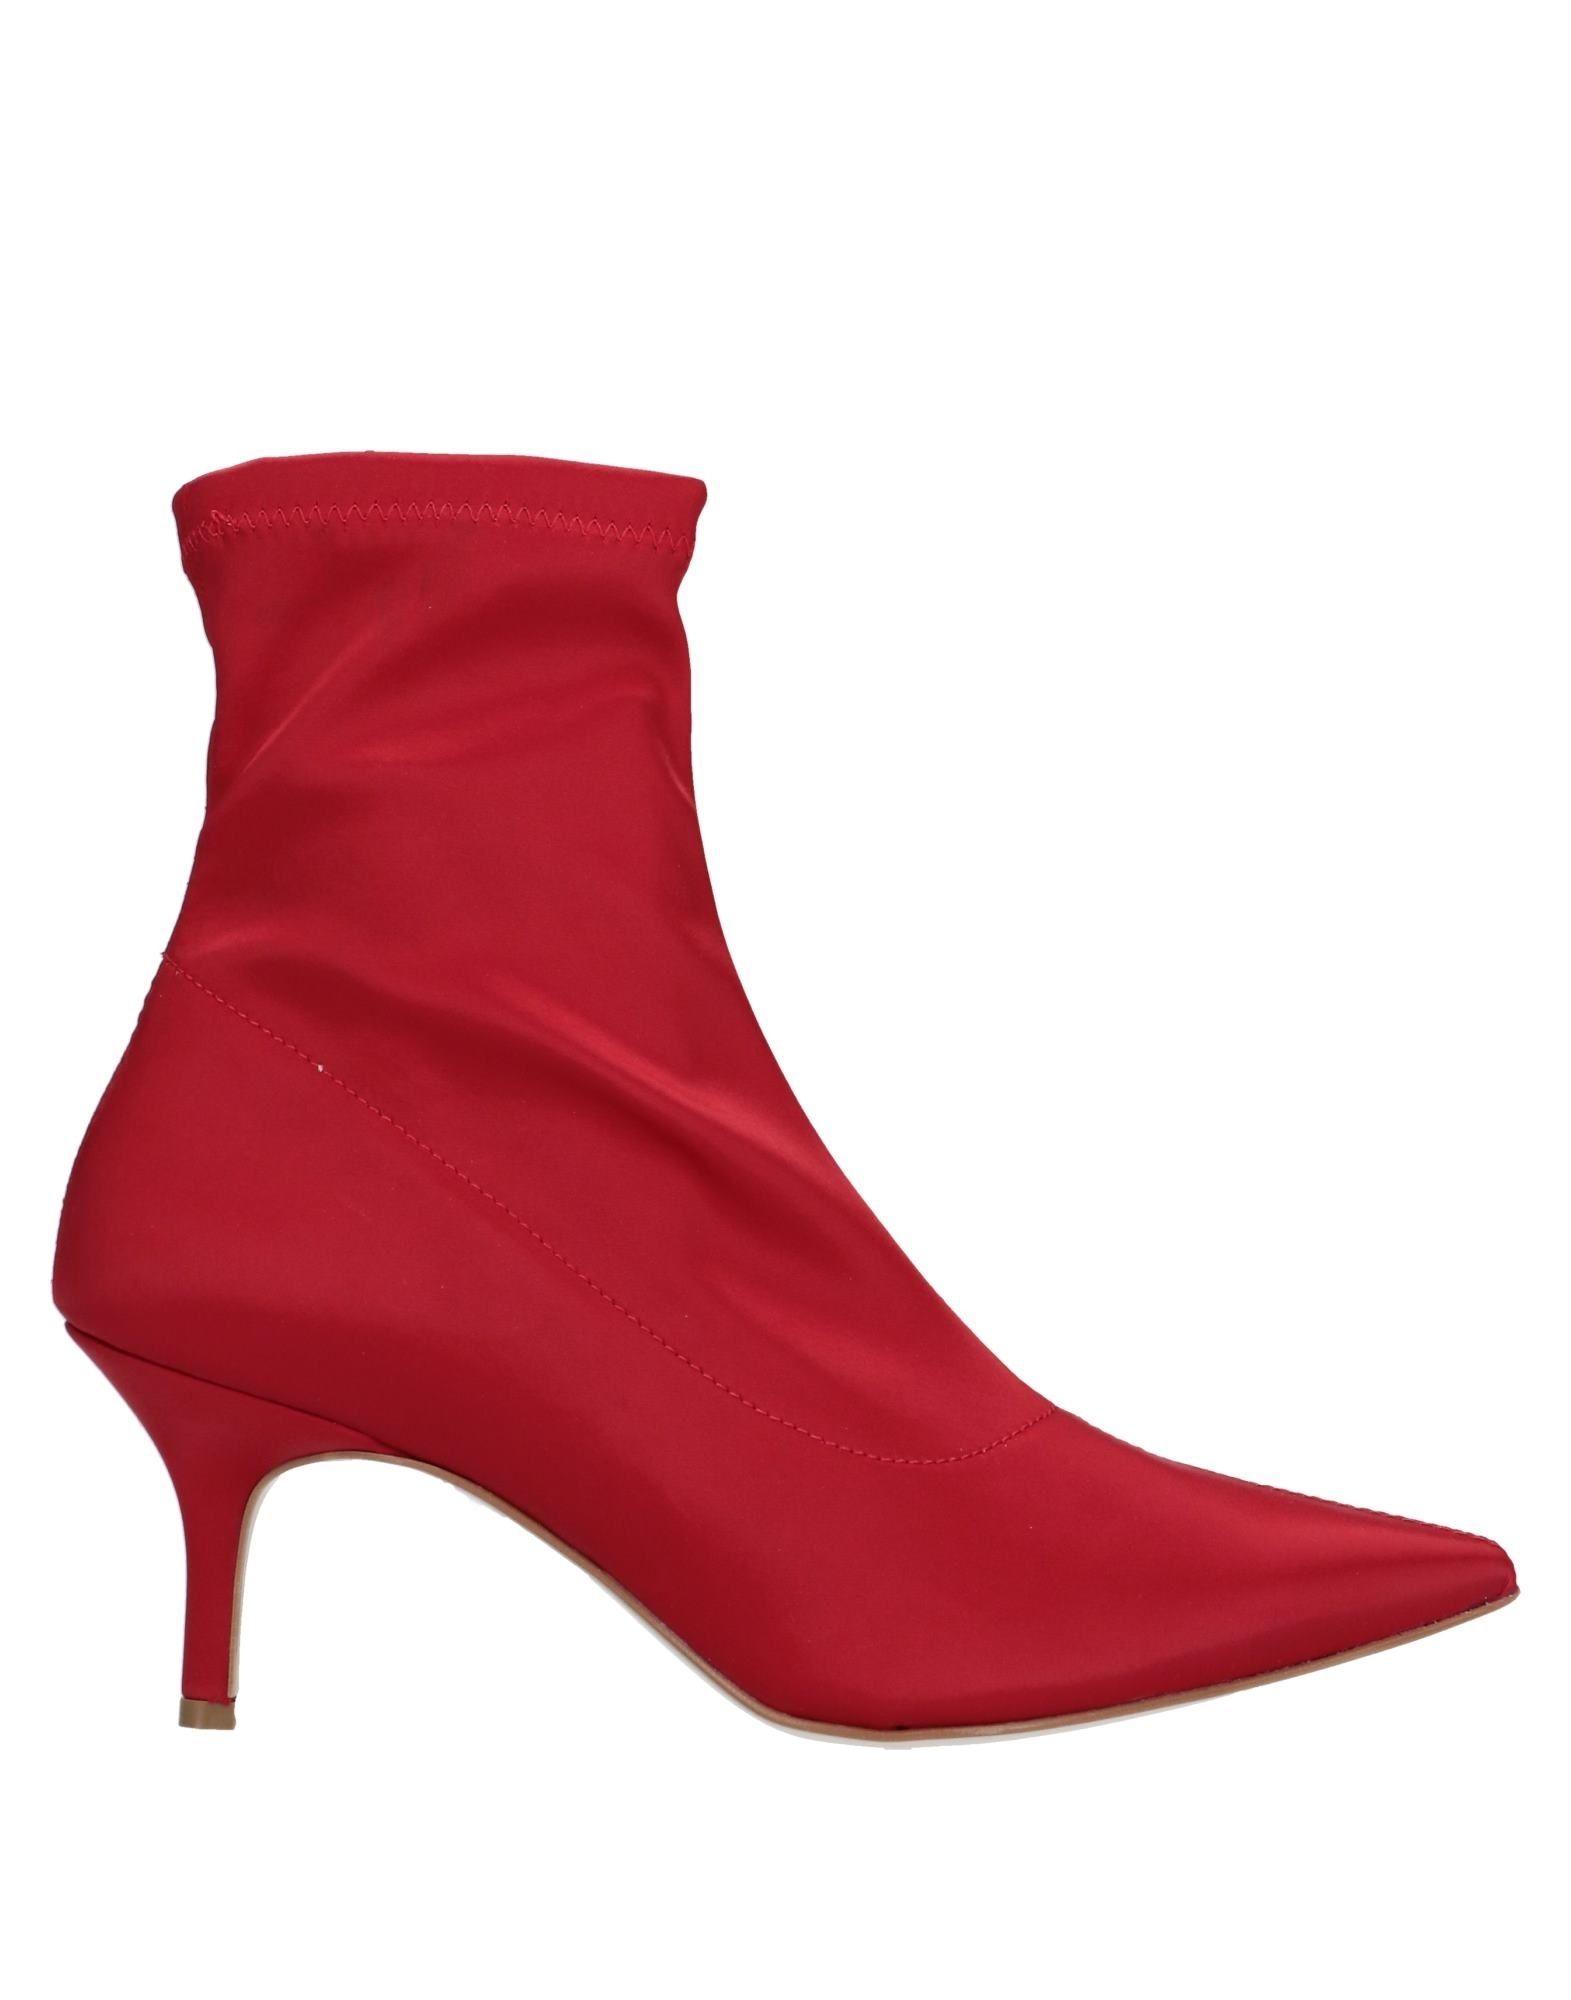 JIUDIT Firenze Полусапоги и высокие ботинки fibra firenze полусапоги и высокие ботинки